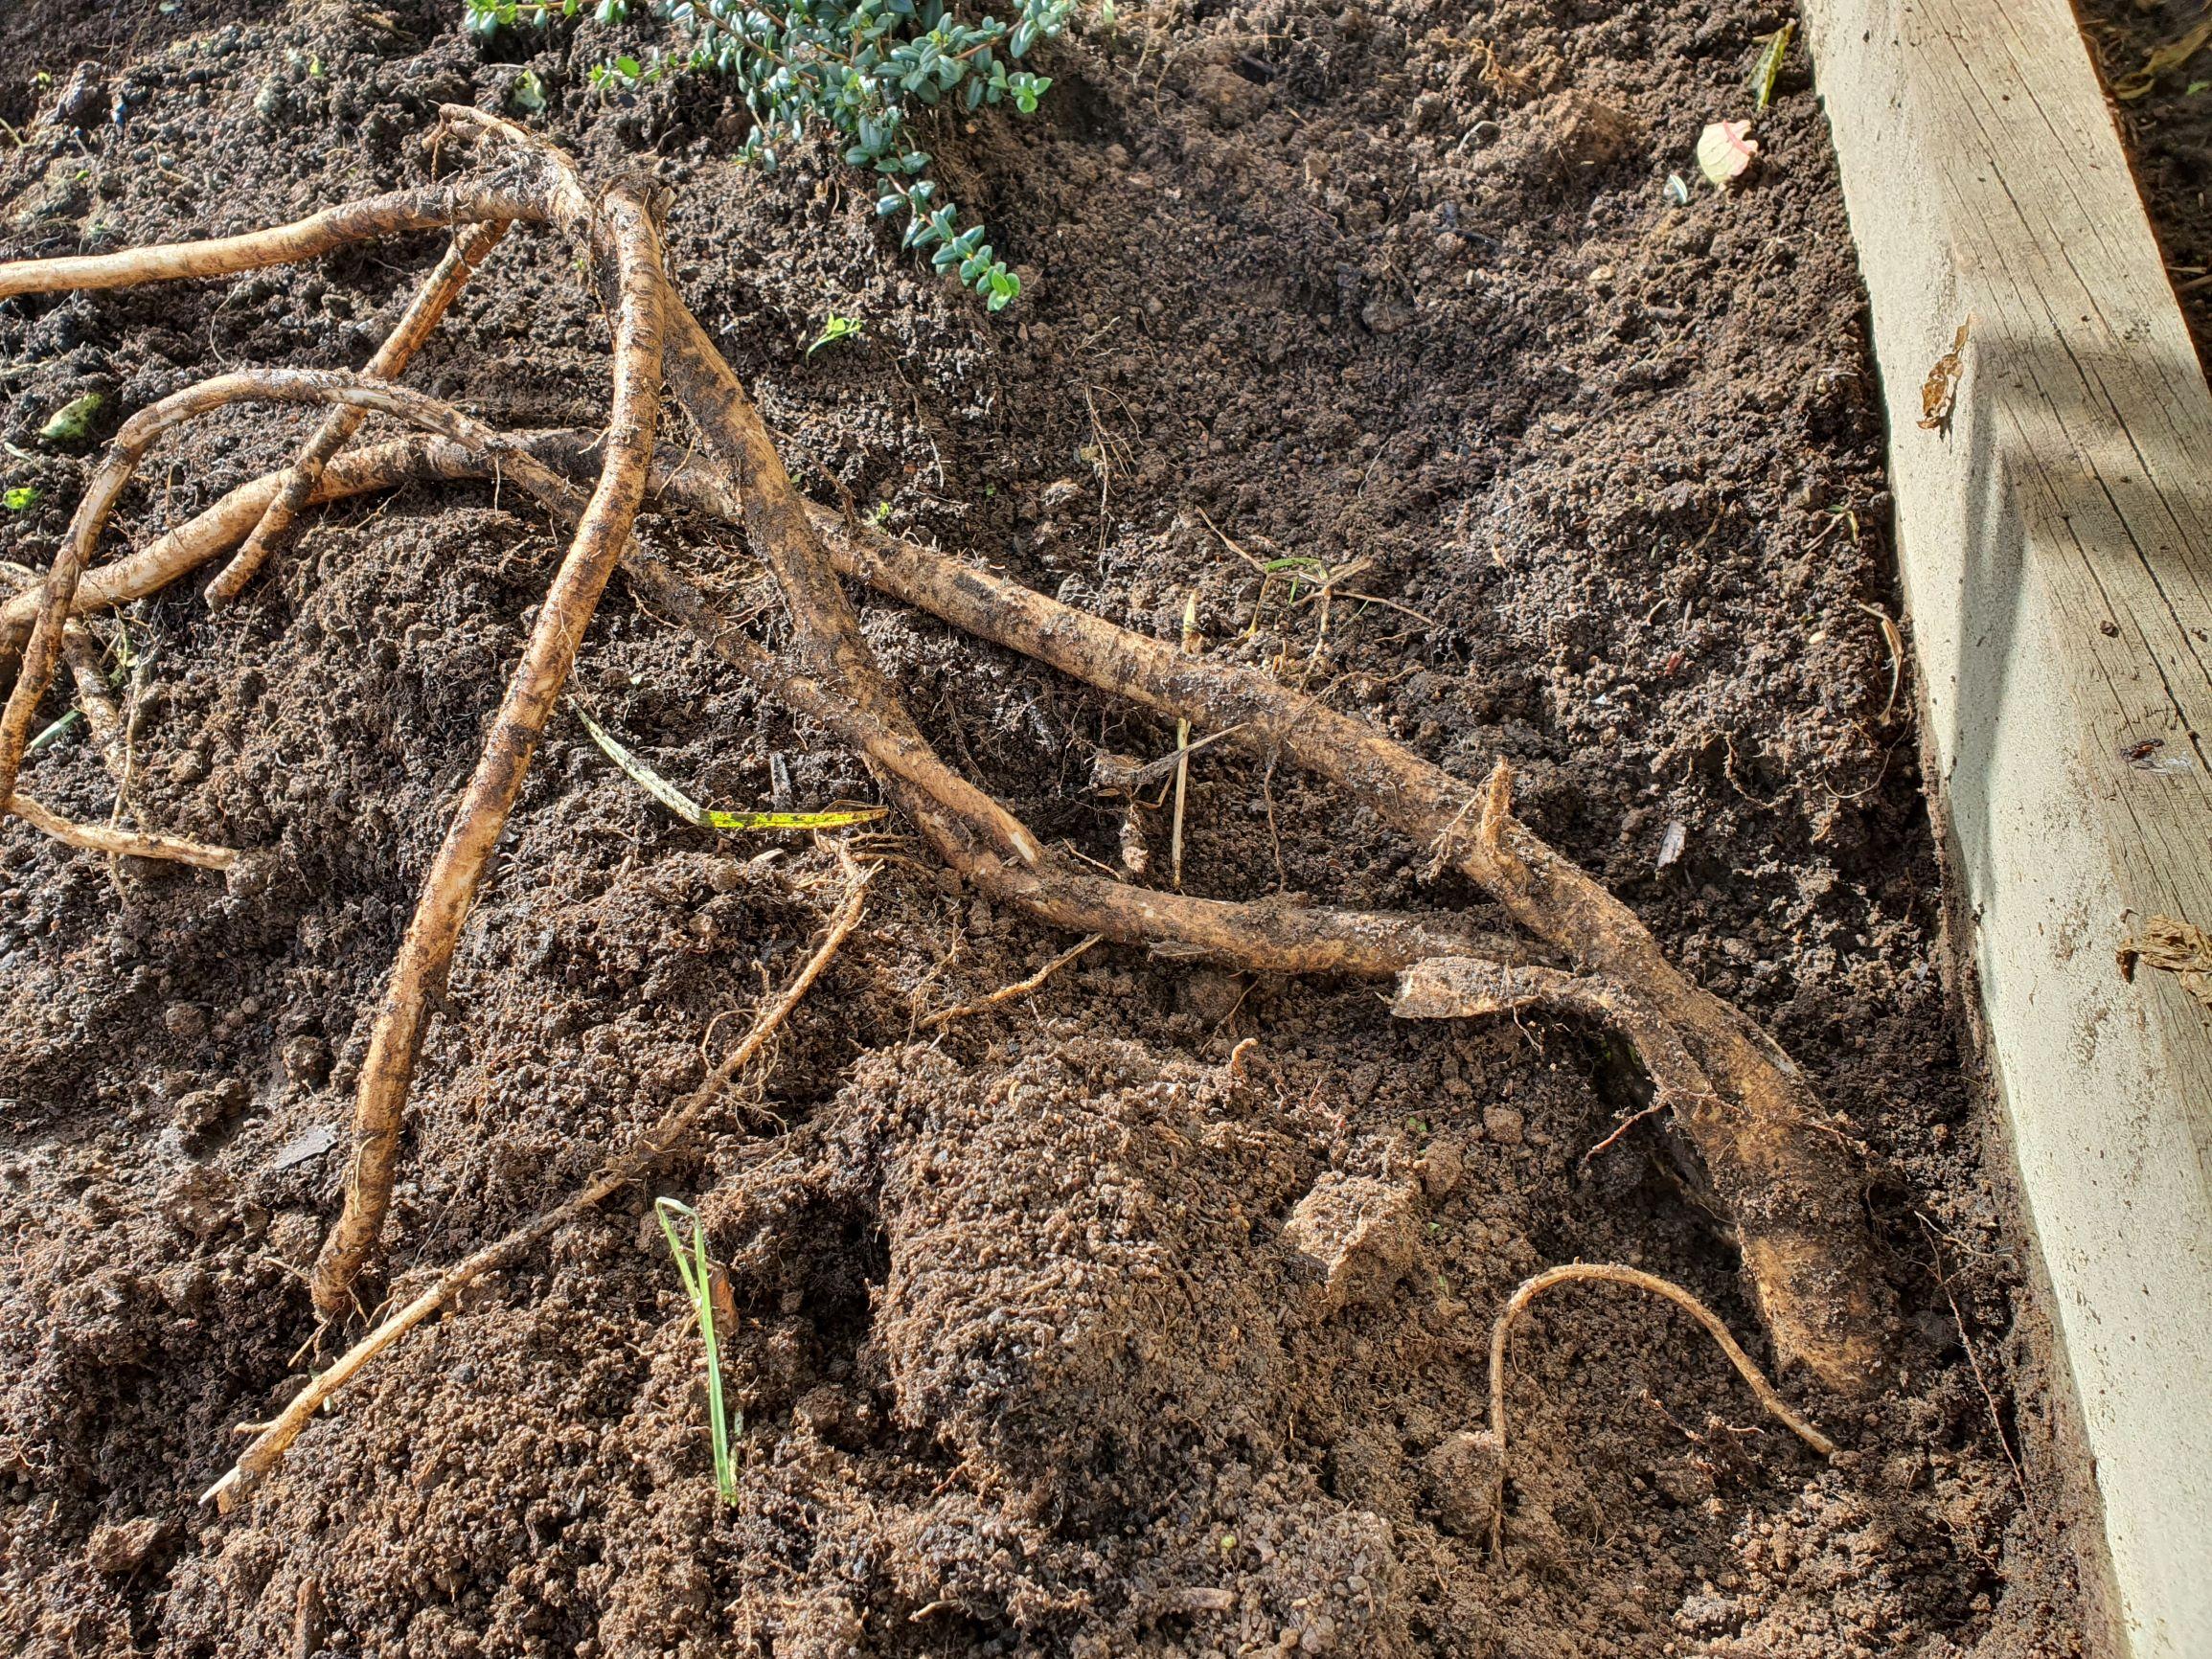 Inkweed roots